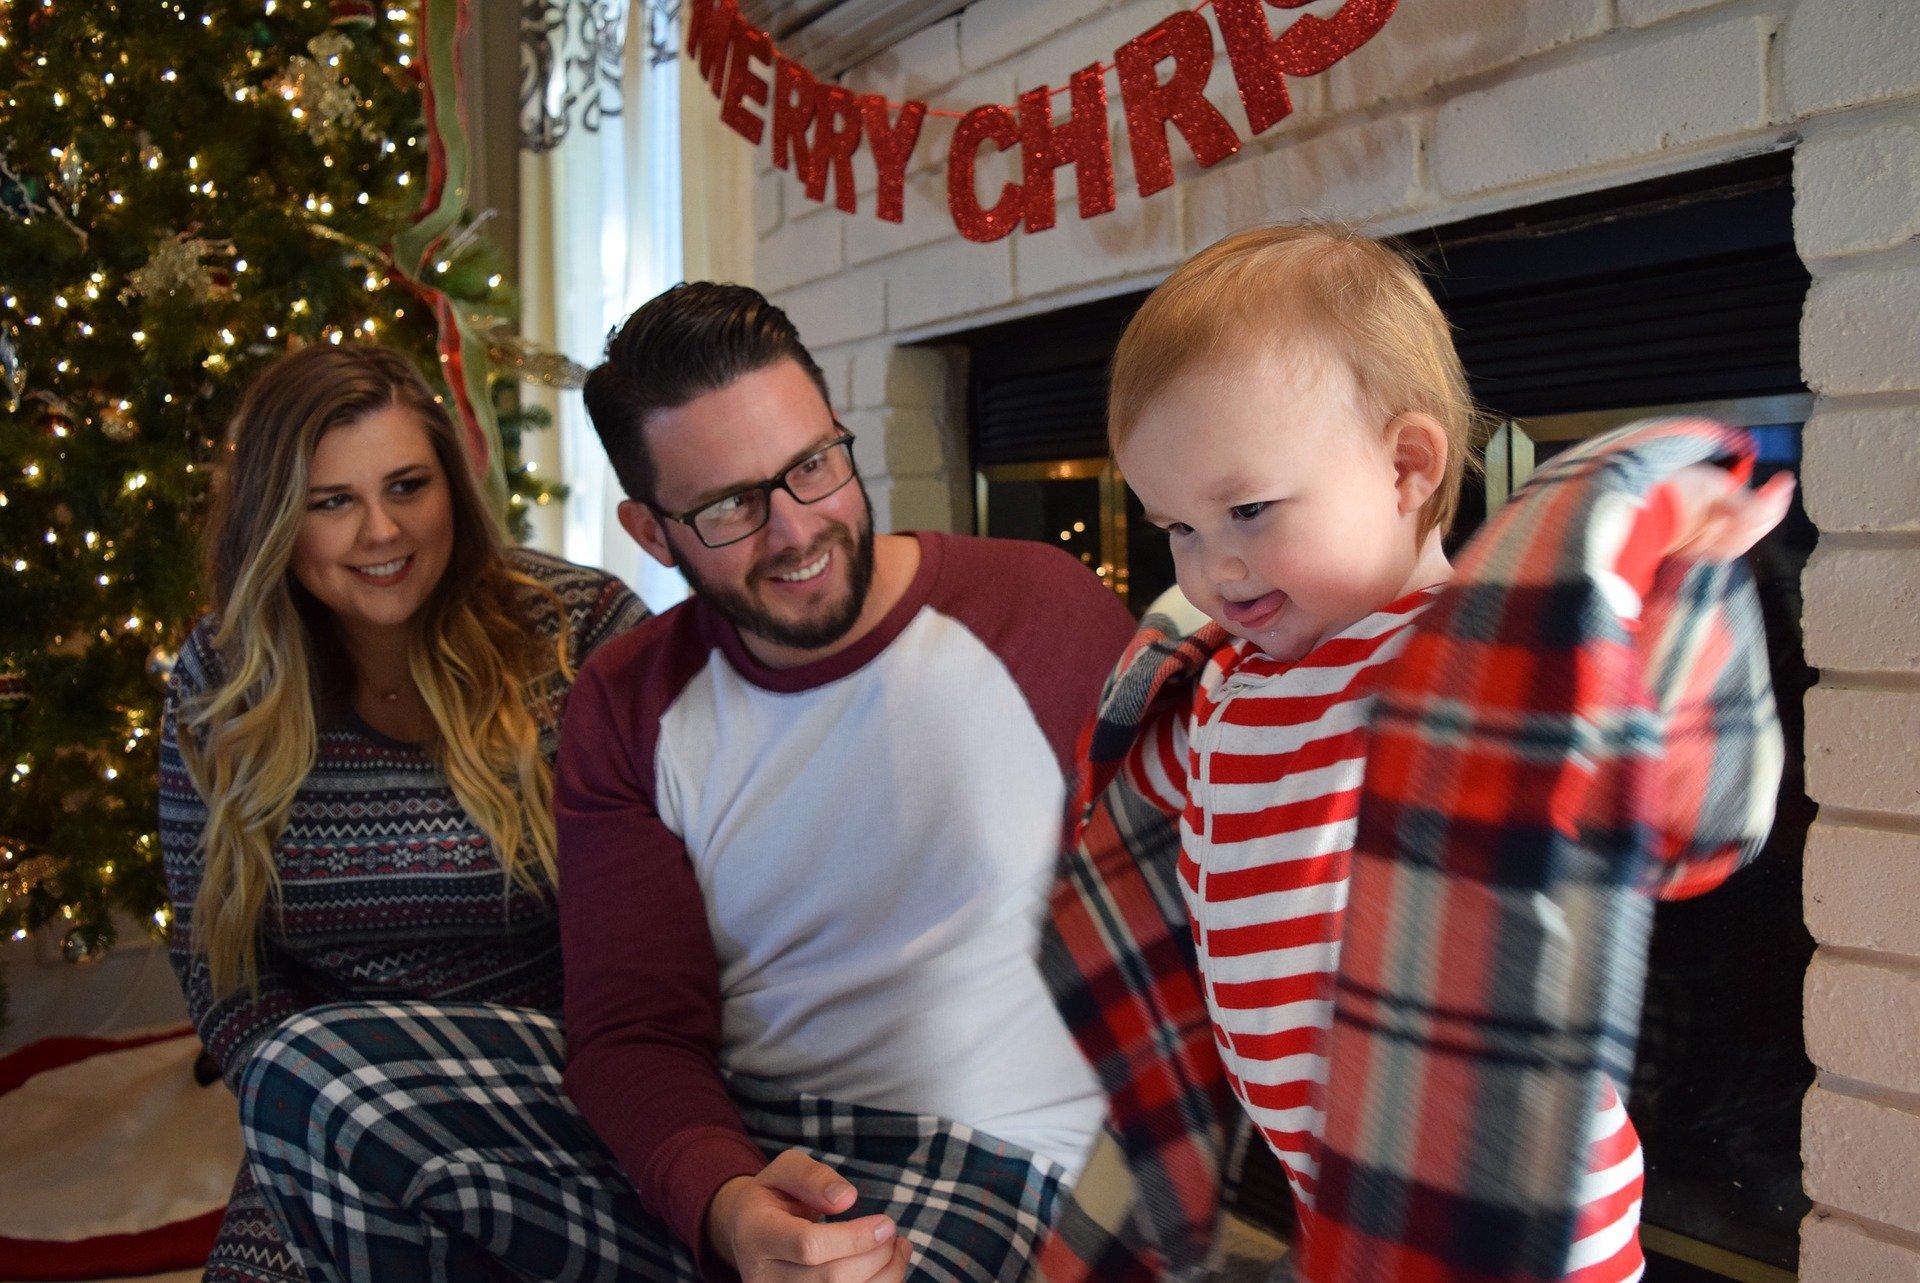 Christmas, family